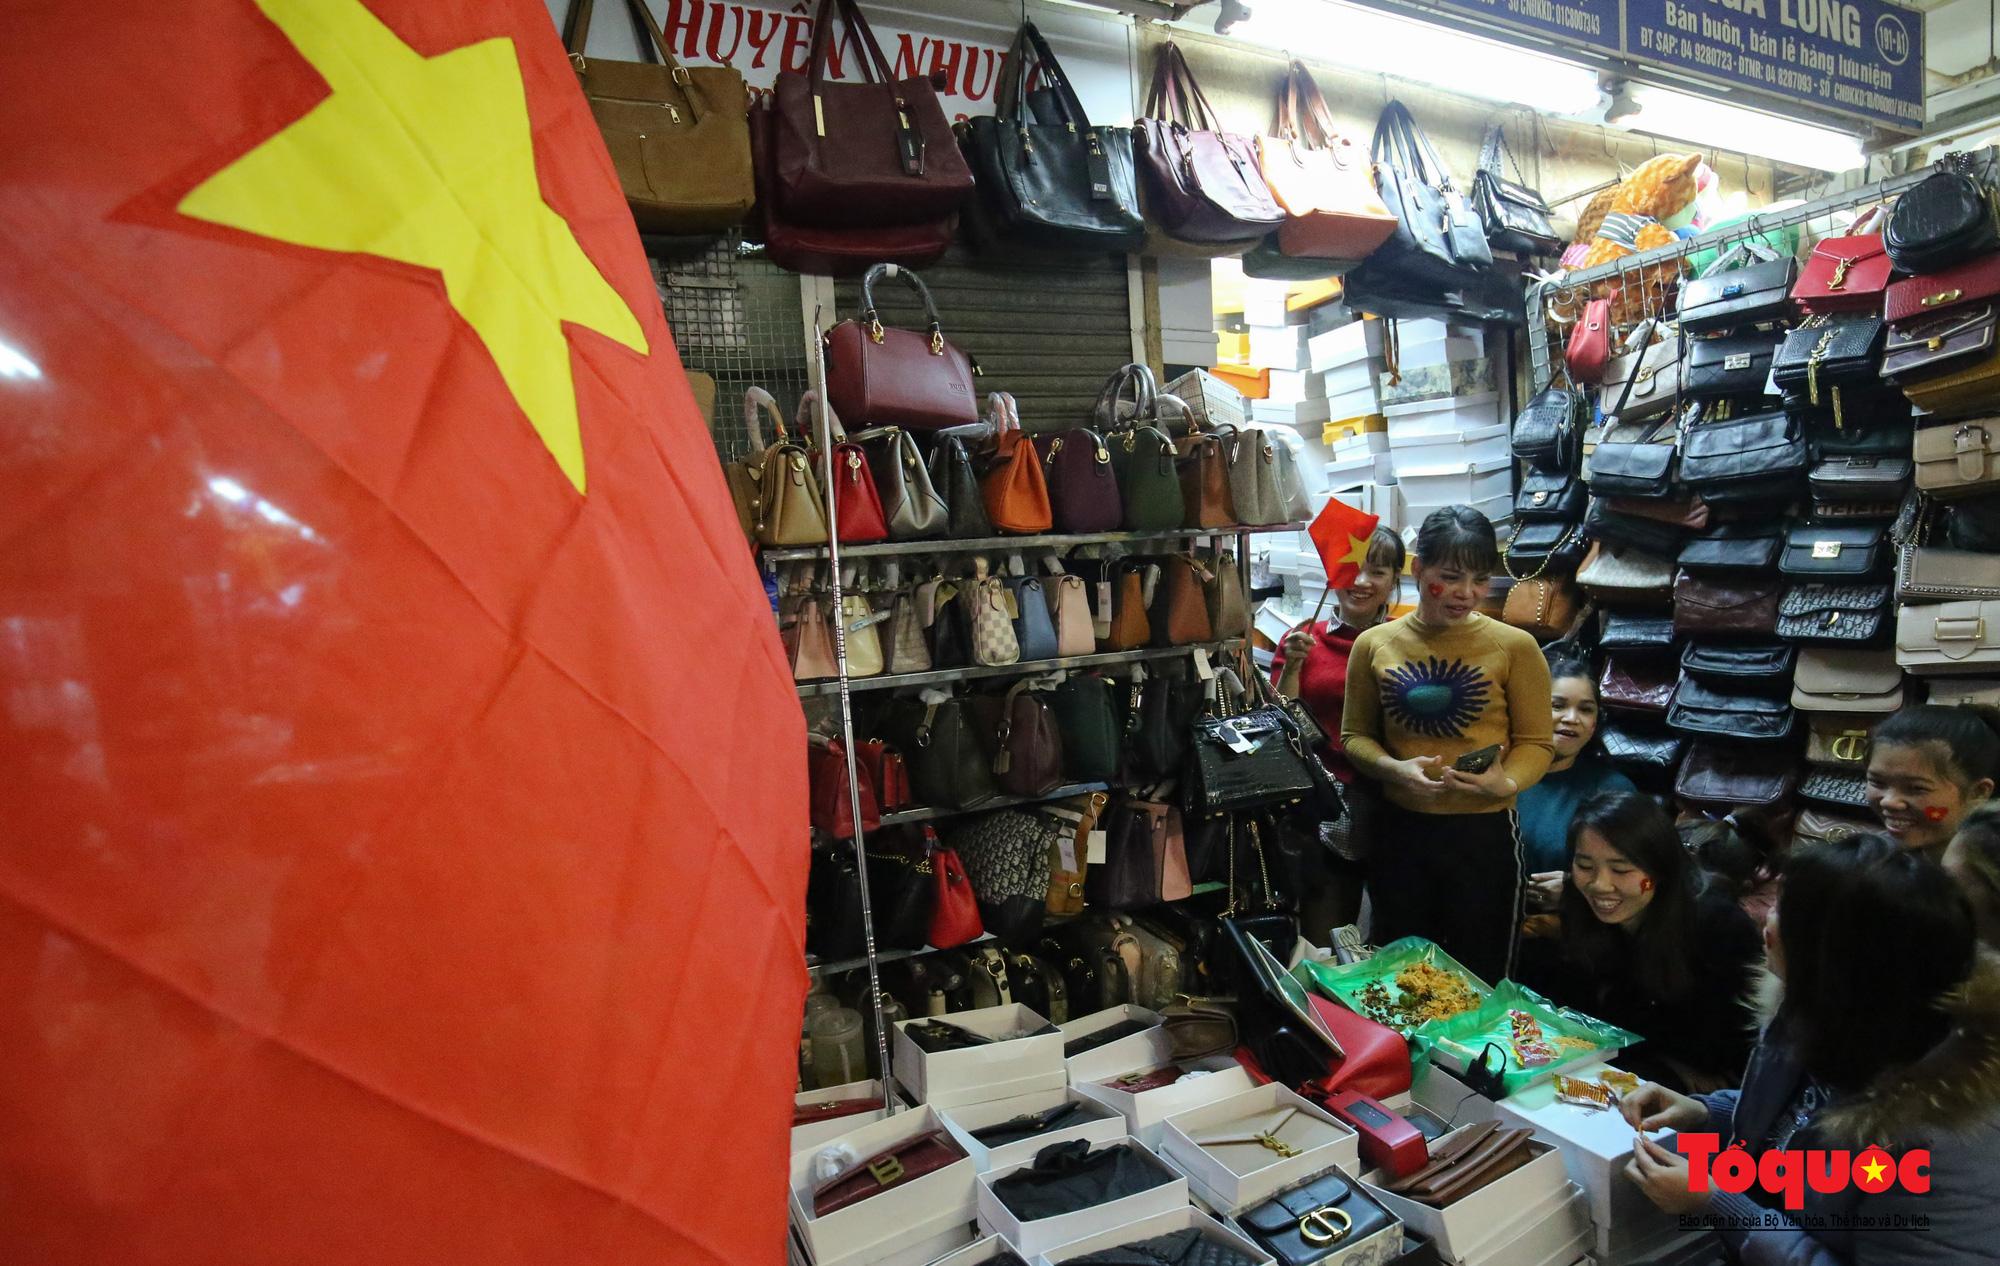 Hà Nội: Tình yêu bóng đá mãnh liệt của những tiểu thương khu chợ hơn trăm tuổi - Ảnh 1.